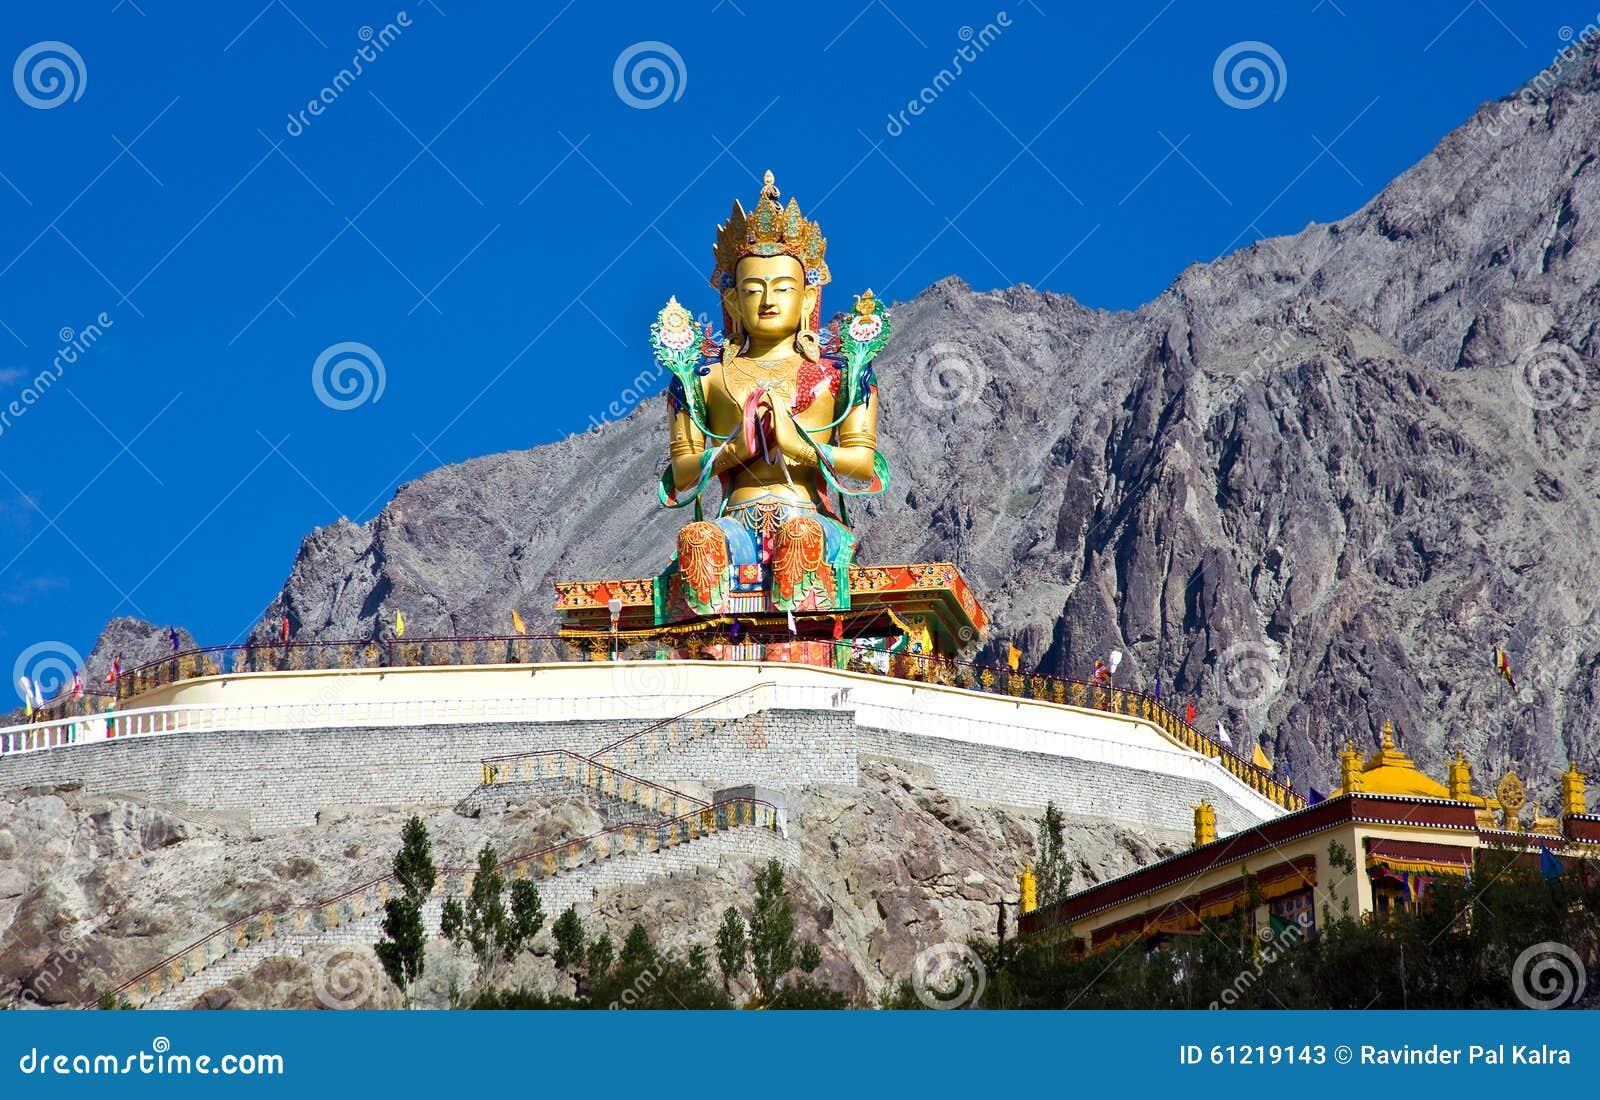 Estatua de Maitreya Buda en el monasterio de Duskit, Nubra, Leh-Ladakh, Jammu y Cachemira, la India